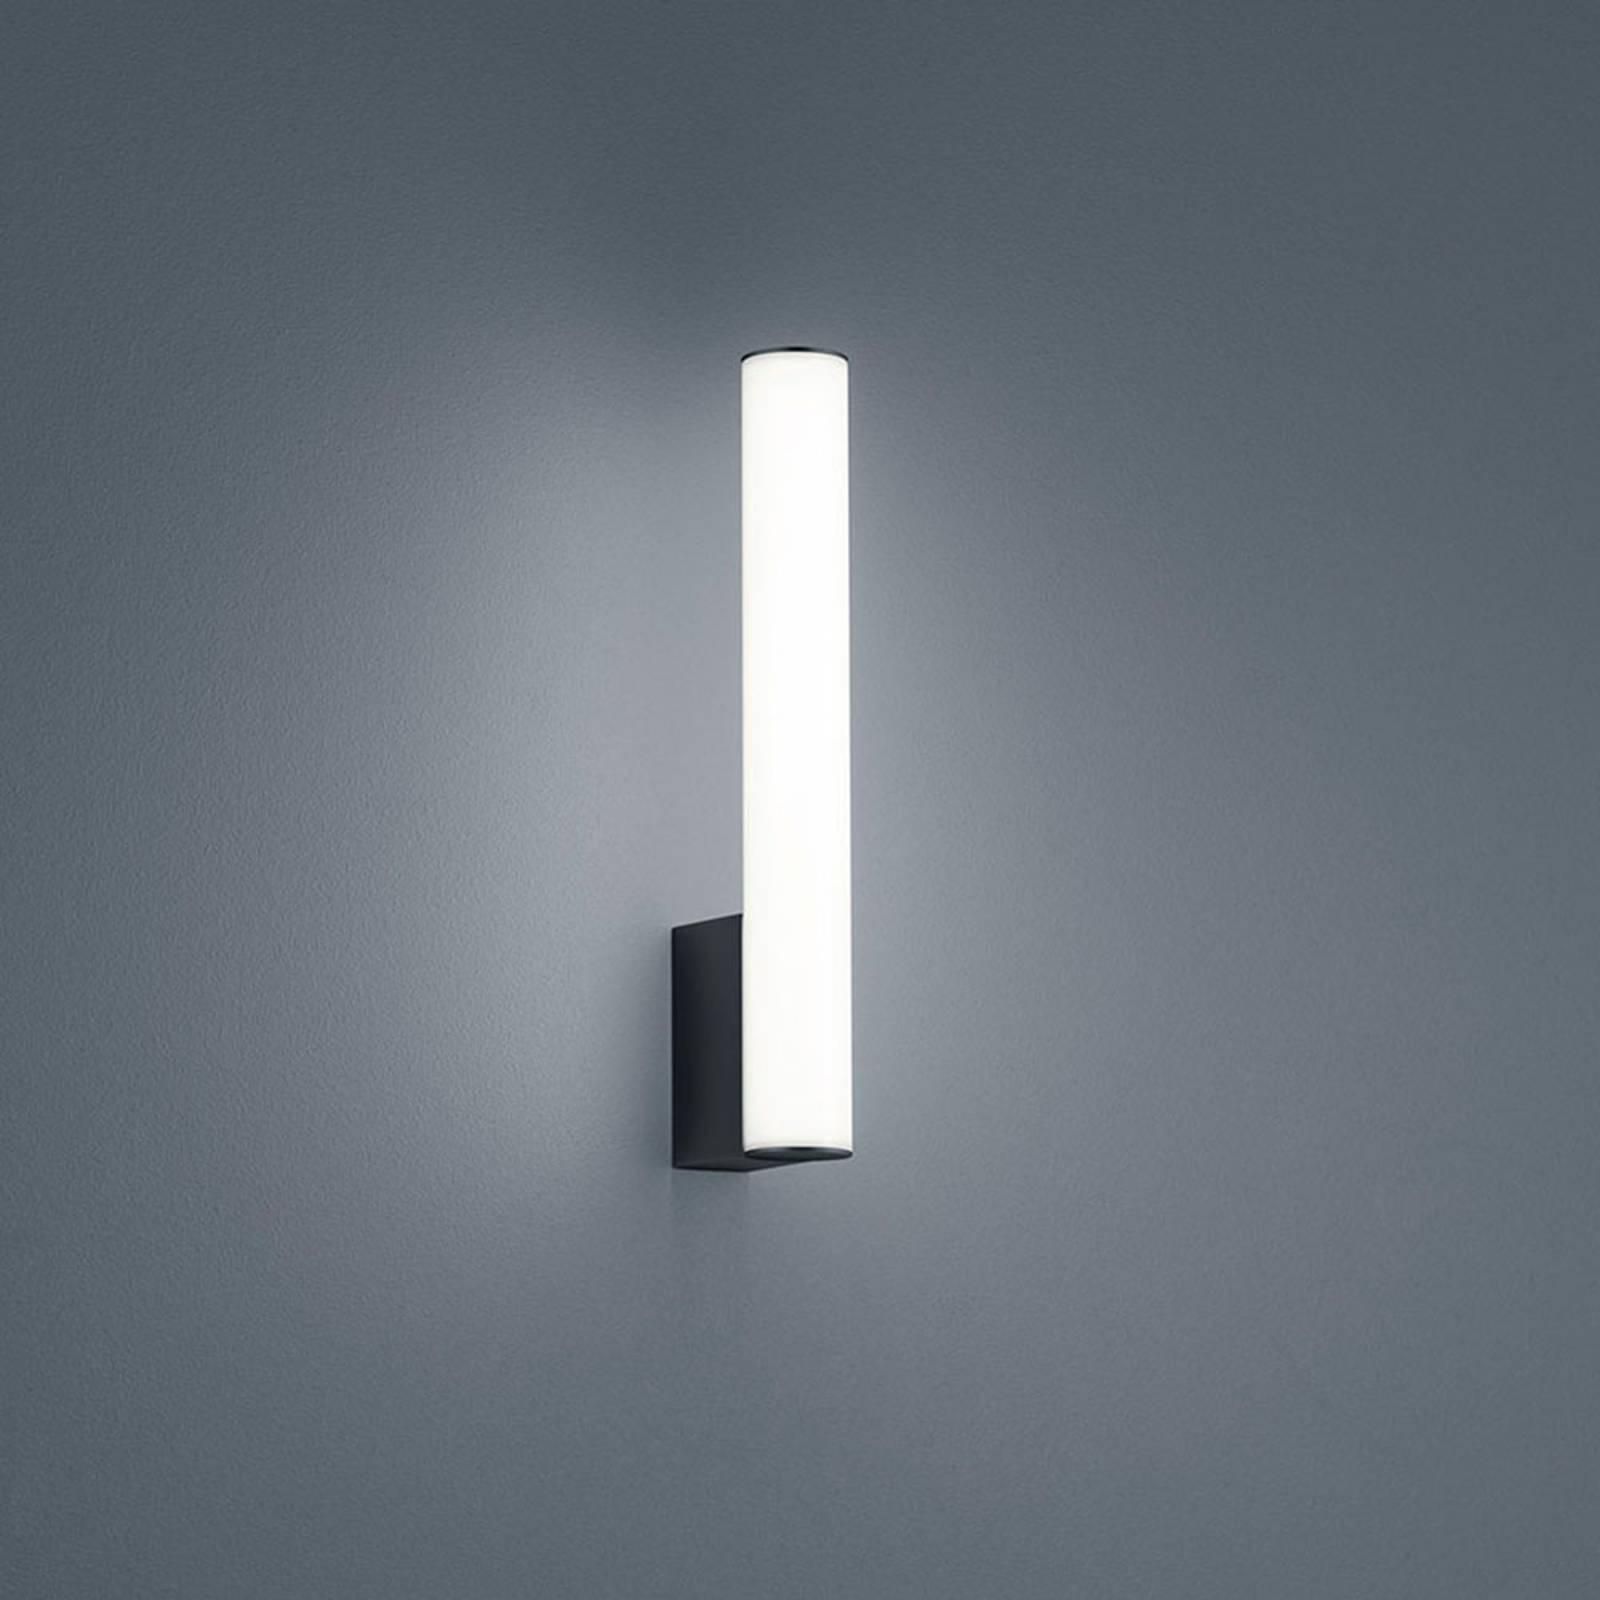 Helestra Loom applique pour miroir LED noire 30cm